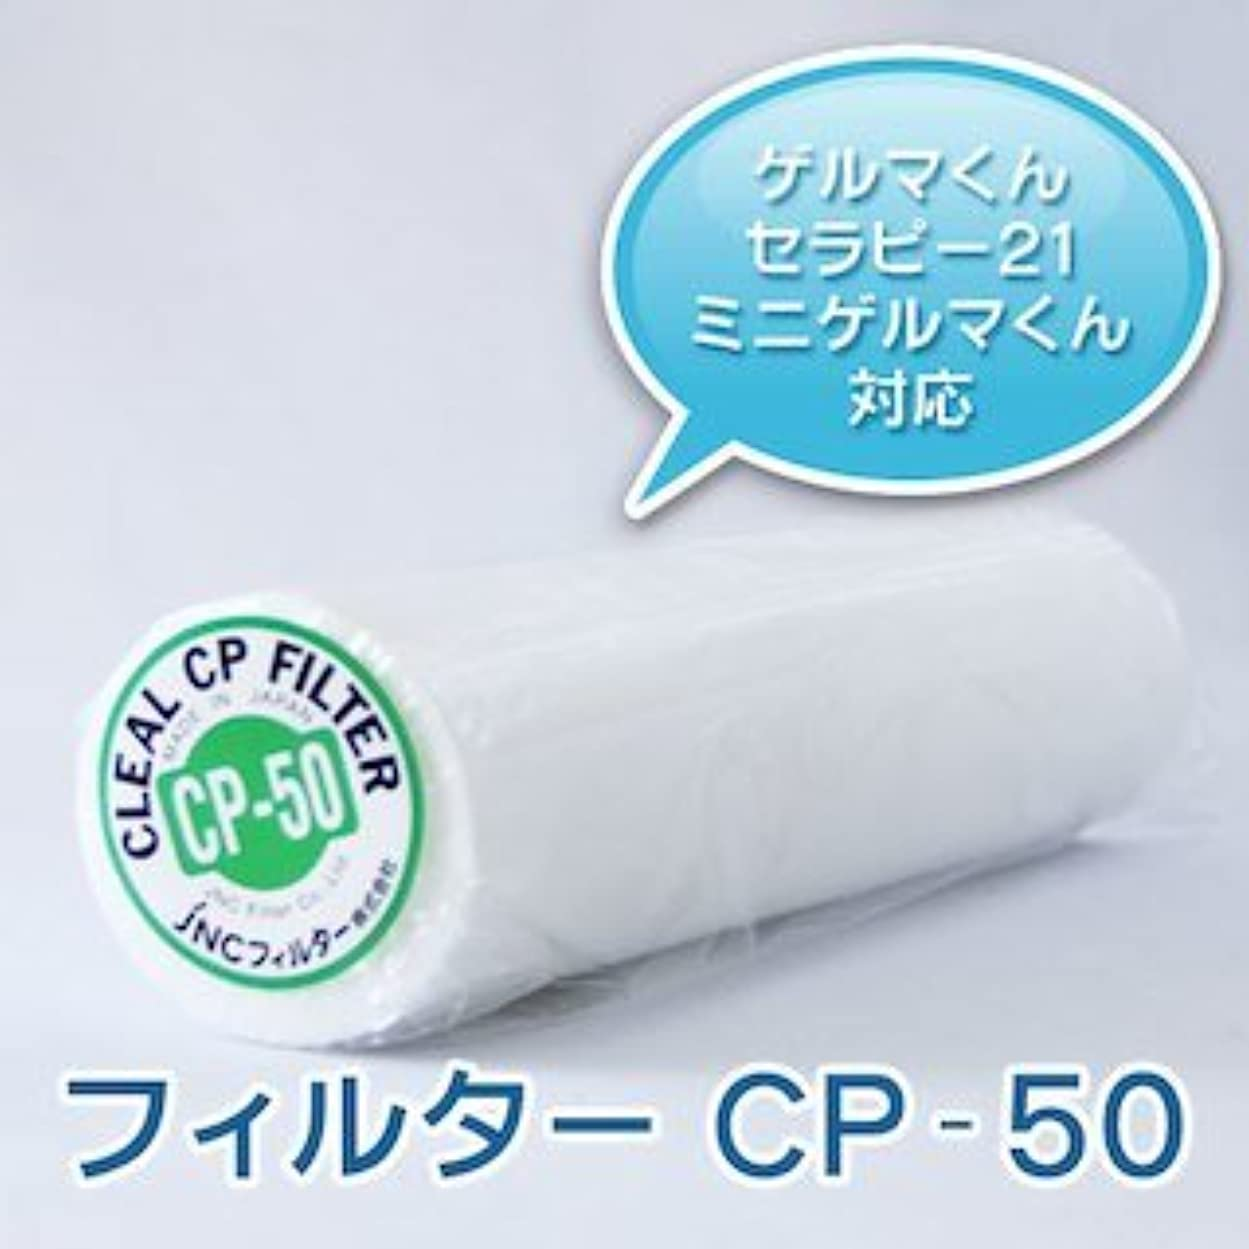 ネストシダ真鍮【ゲルマ フィルター CP-50】 1本  ゲルマニウム 温浴器 ゲルマくん/セラピー21 対応